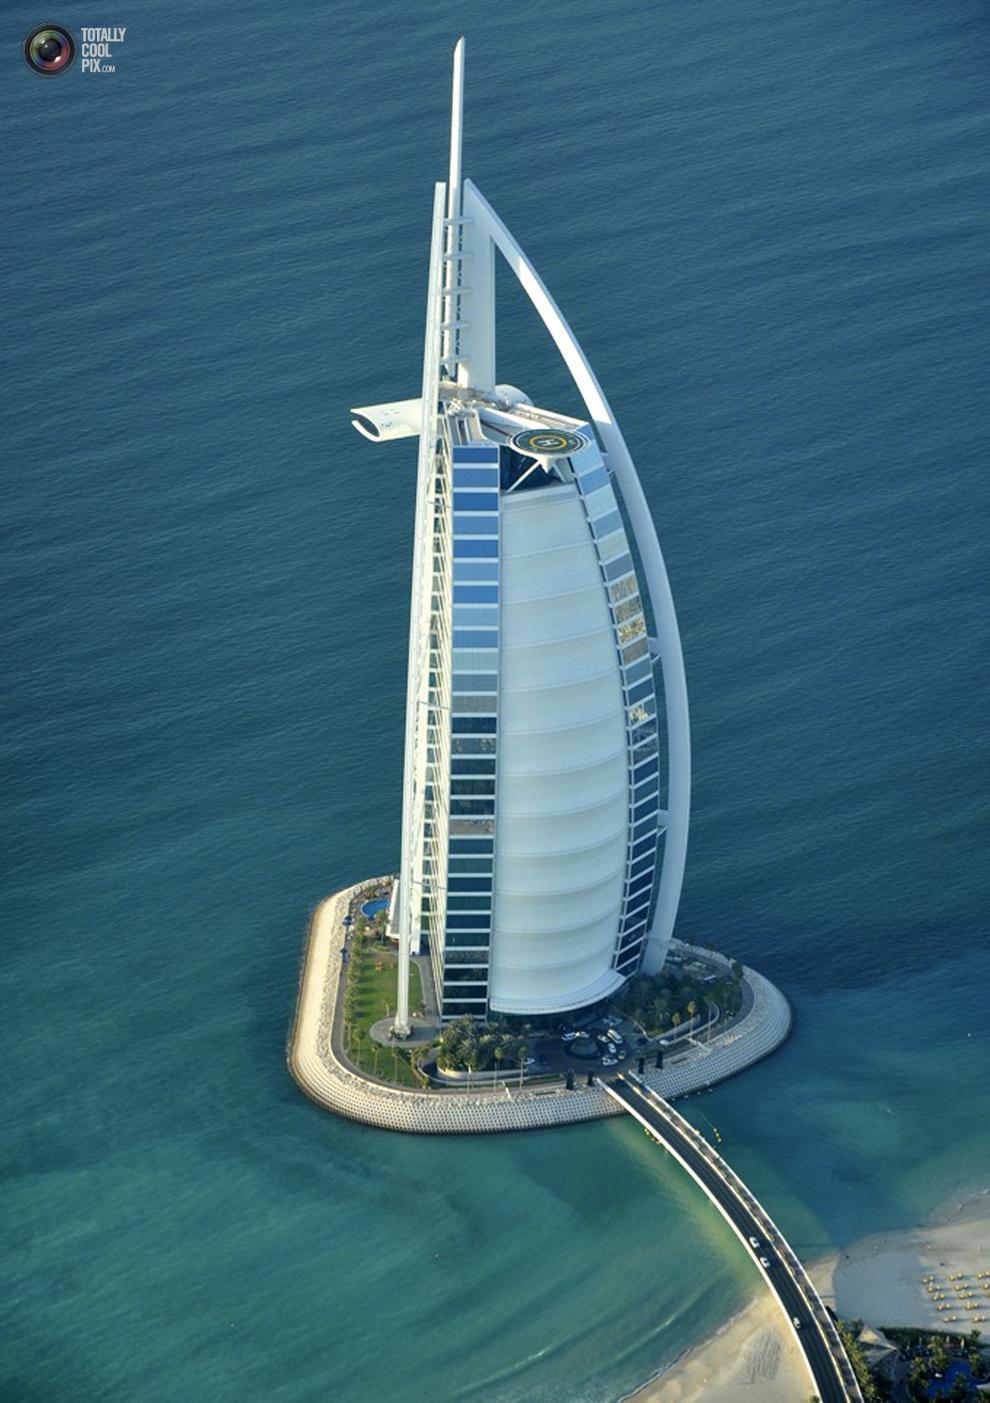 20. Вид с воздуха на отель «Бурдж аль-Араб» в Дубае. (REUTERS/Matthias Seifert)